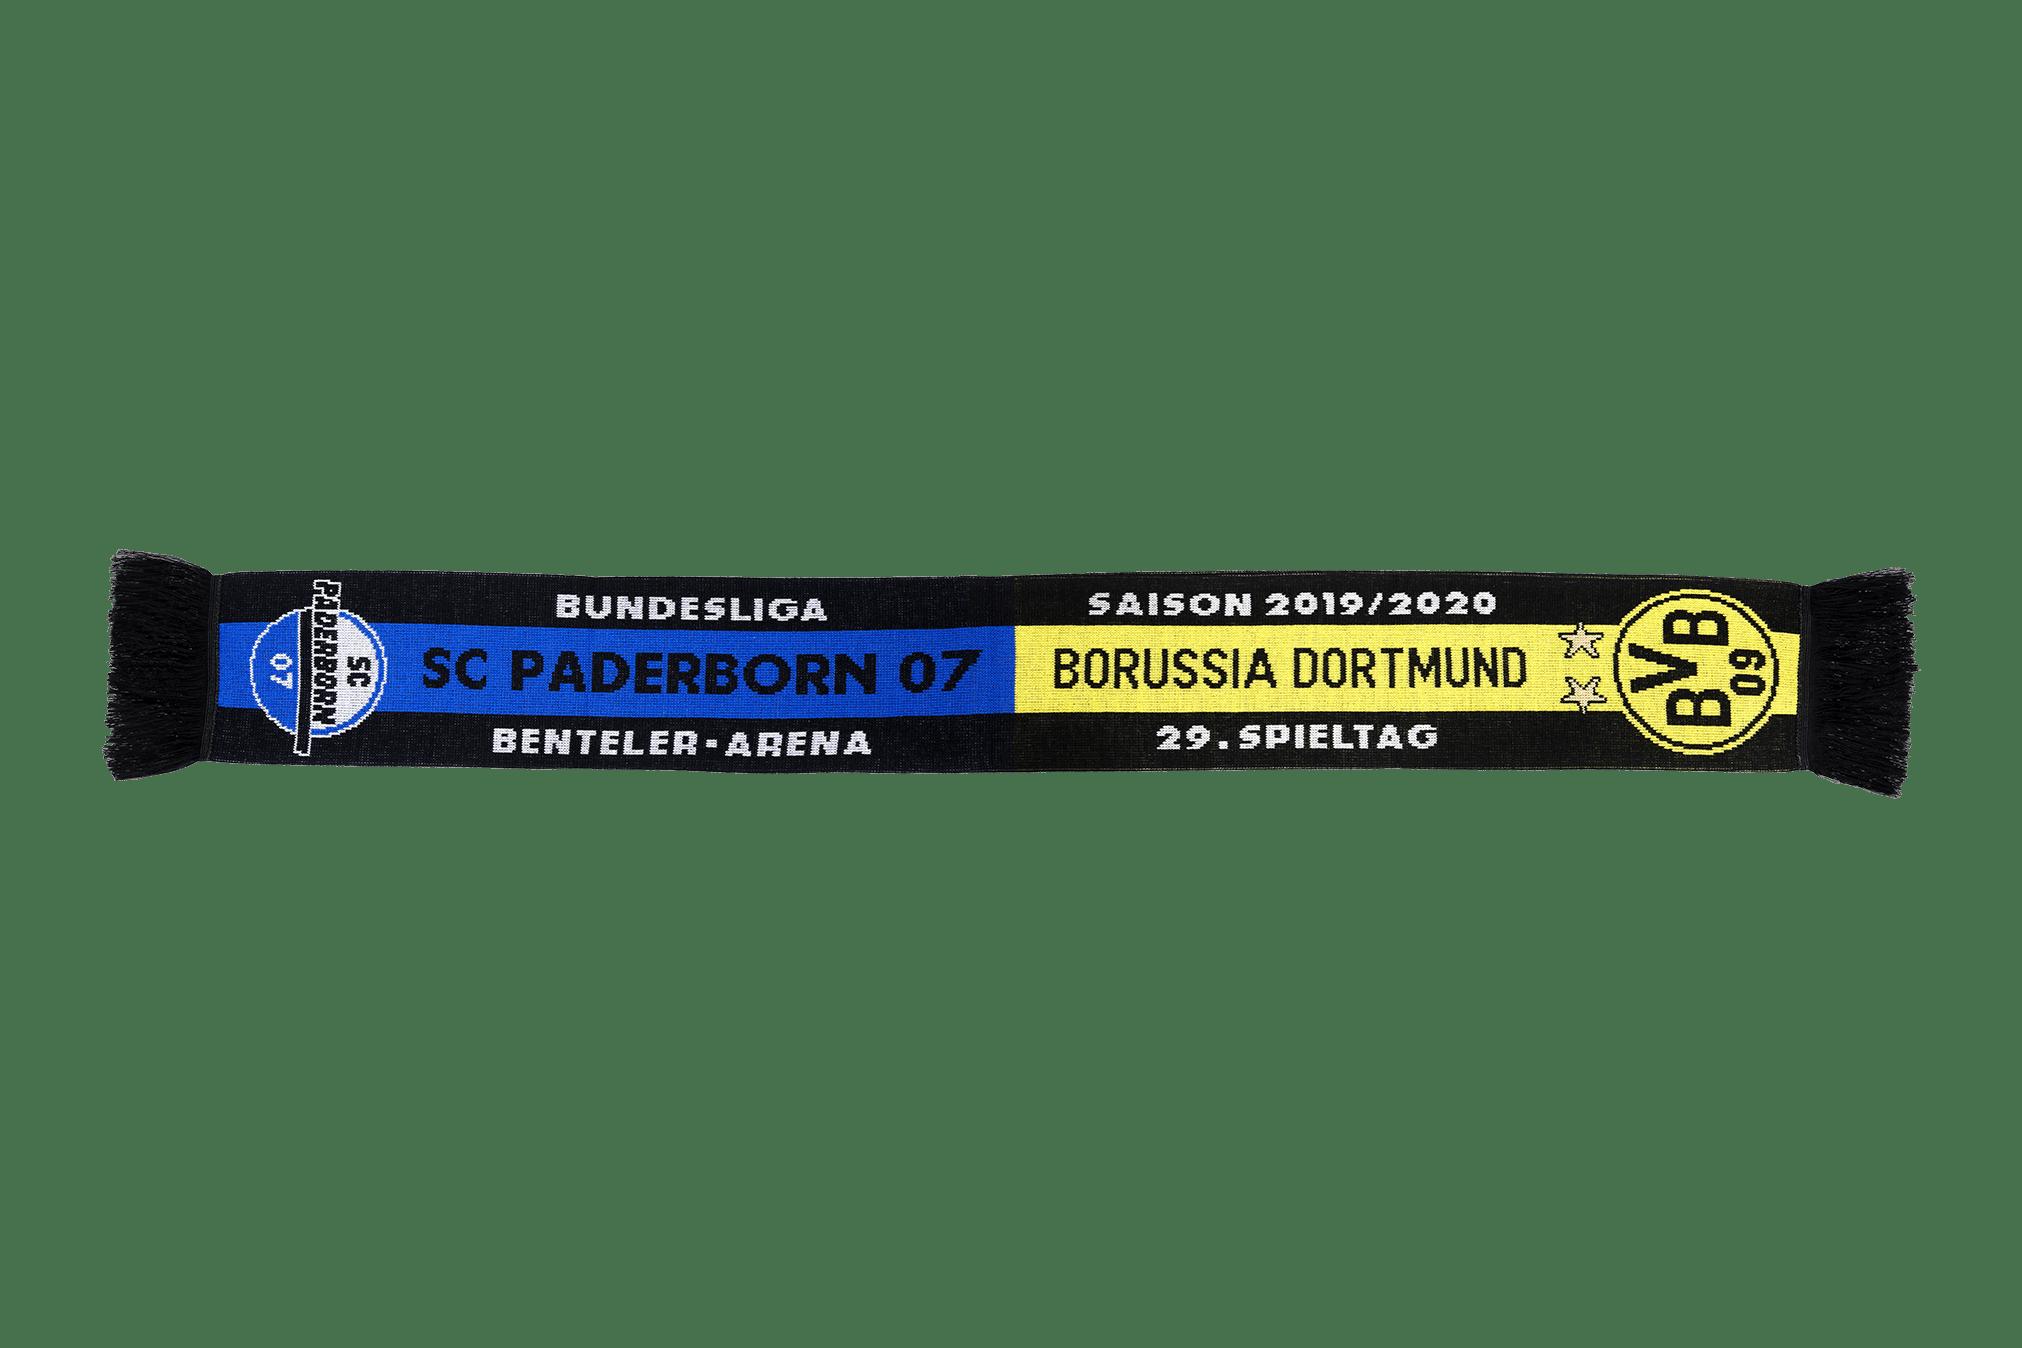 Spieltagsschal BVB 19/20